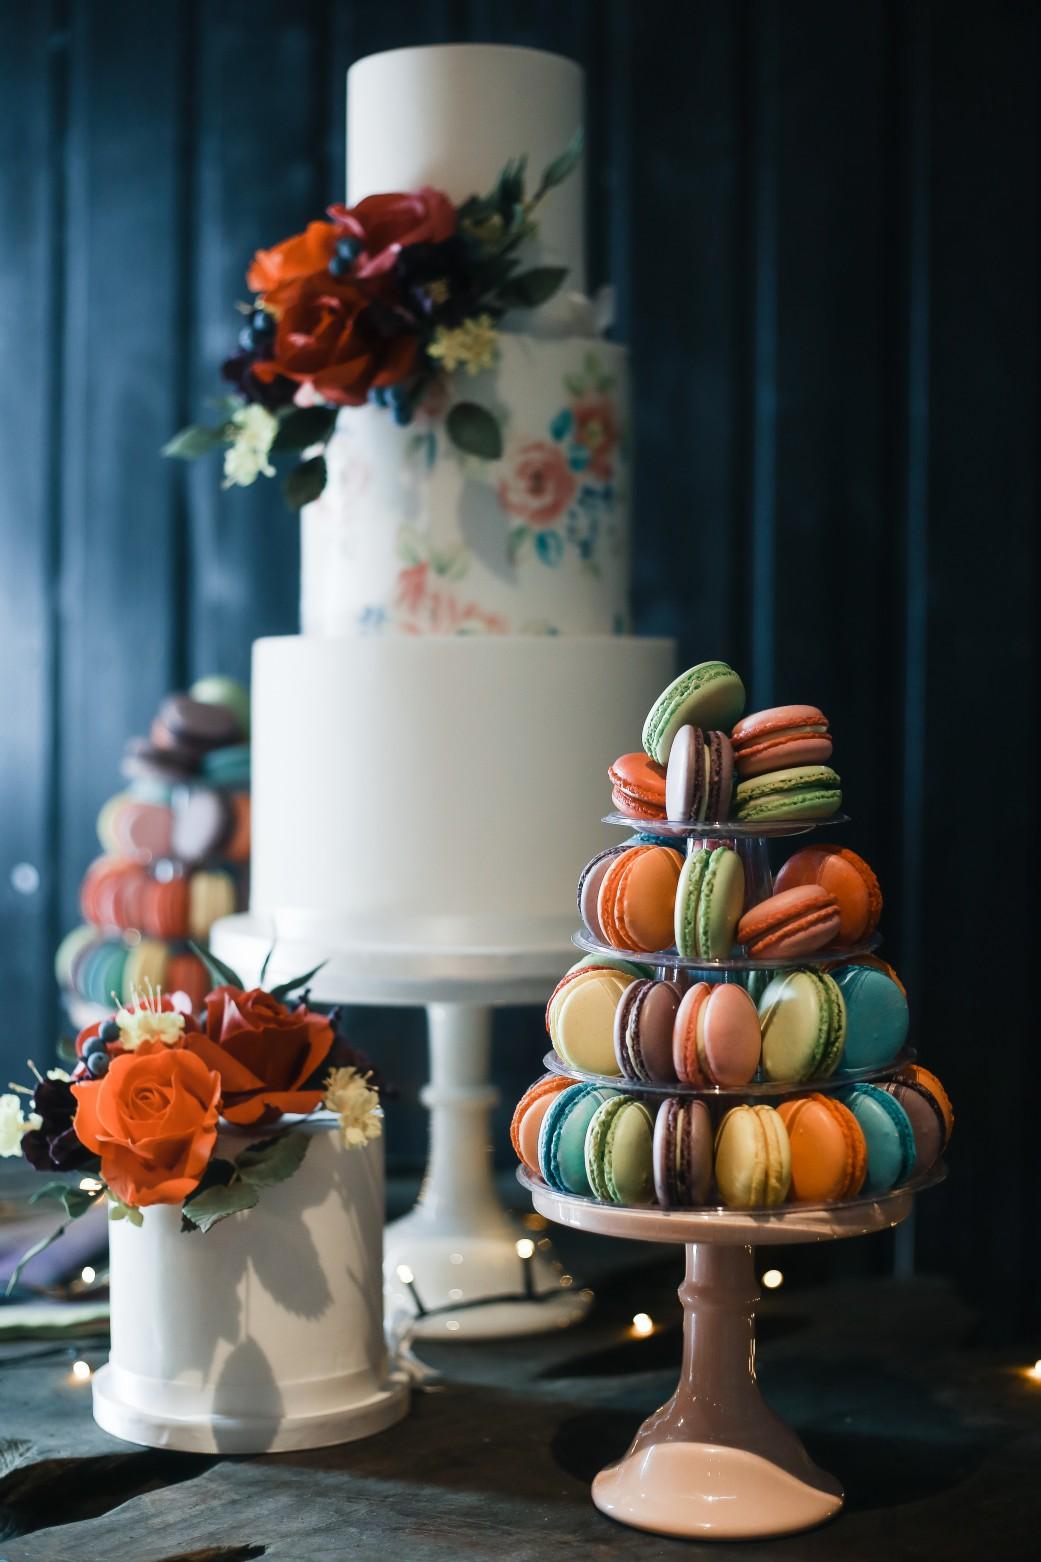 Becky Payne Photographer - Rainbow Unicorn Styled Wedding Shoot - wedding cake - macaons - colourful